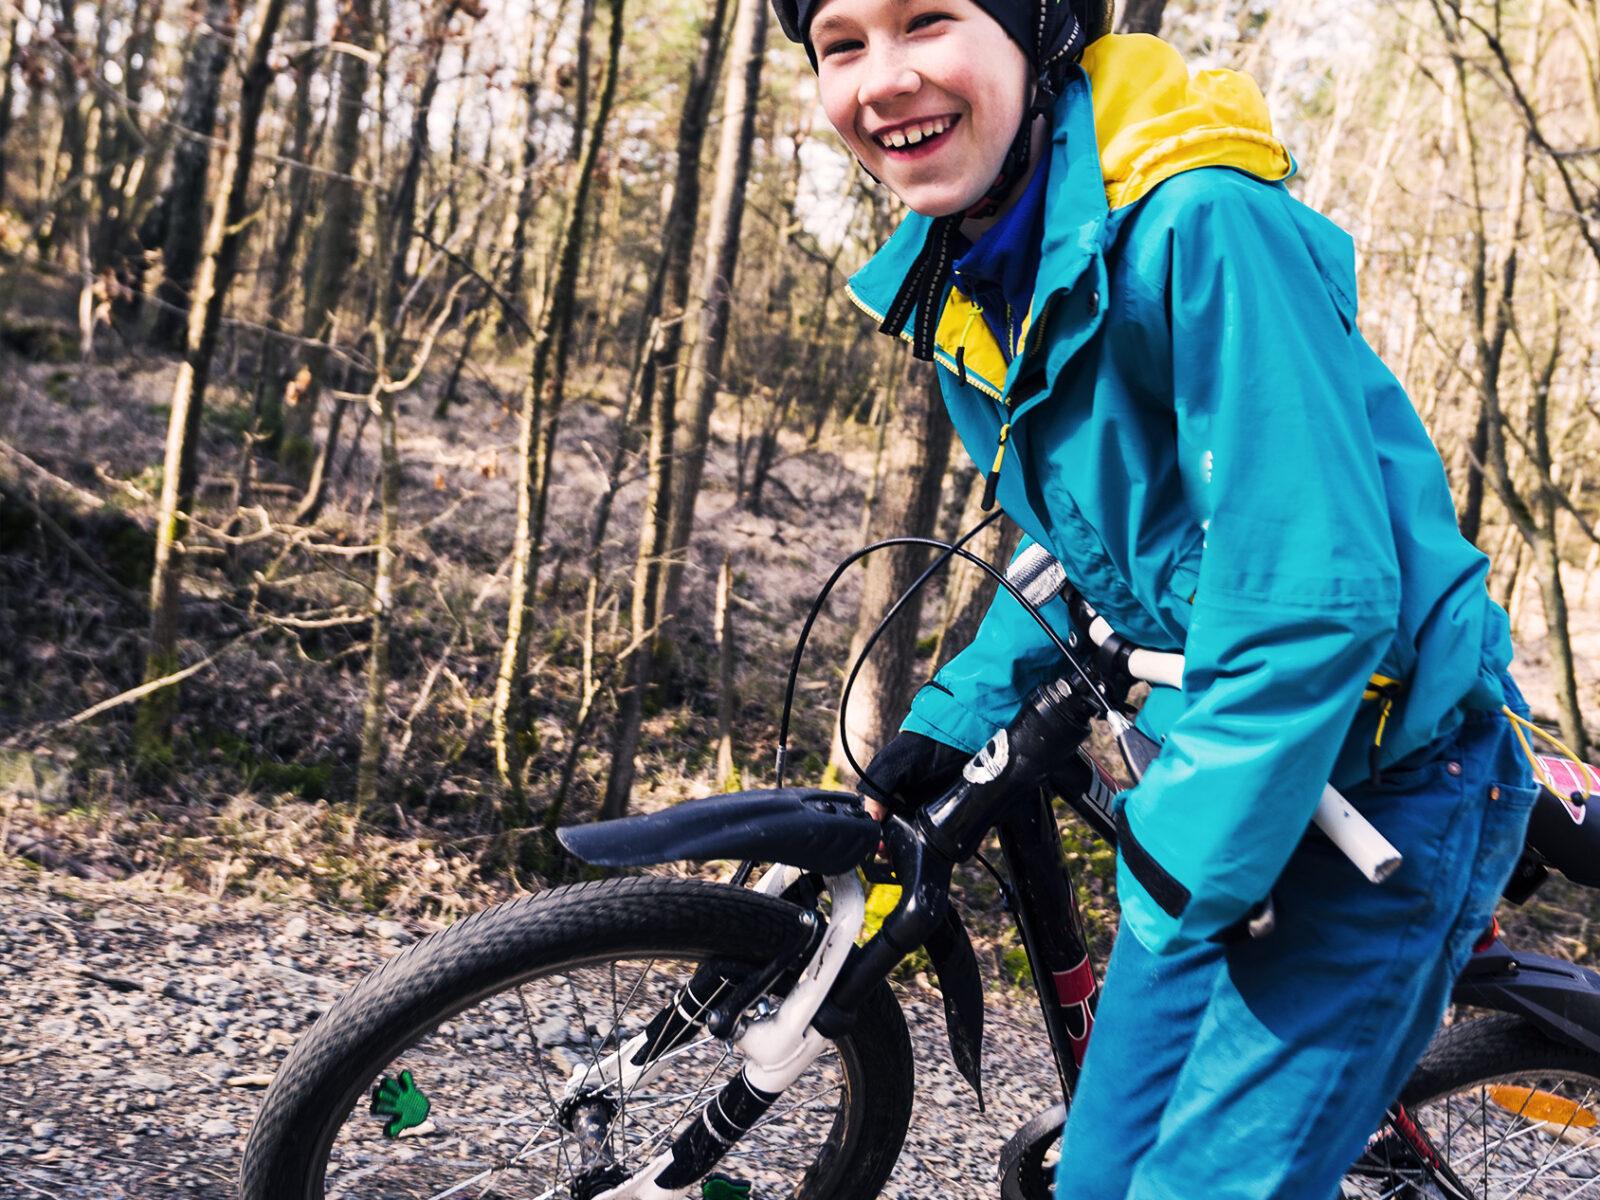 allemansrätt, allemansrätten, cykel, barn, glad, cykla